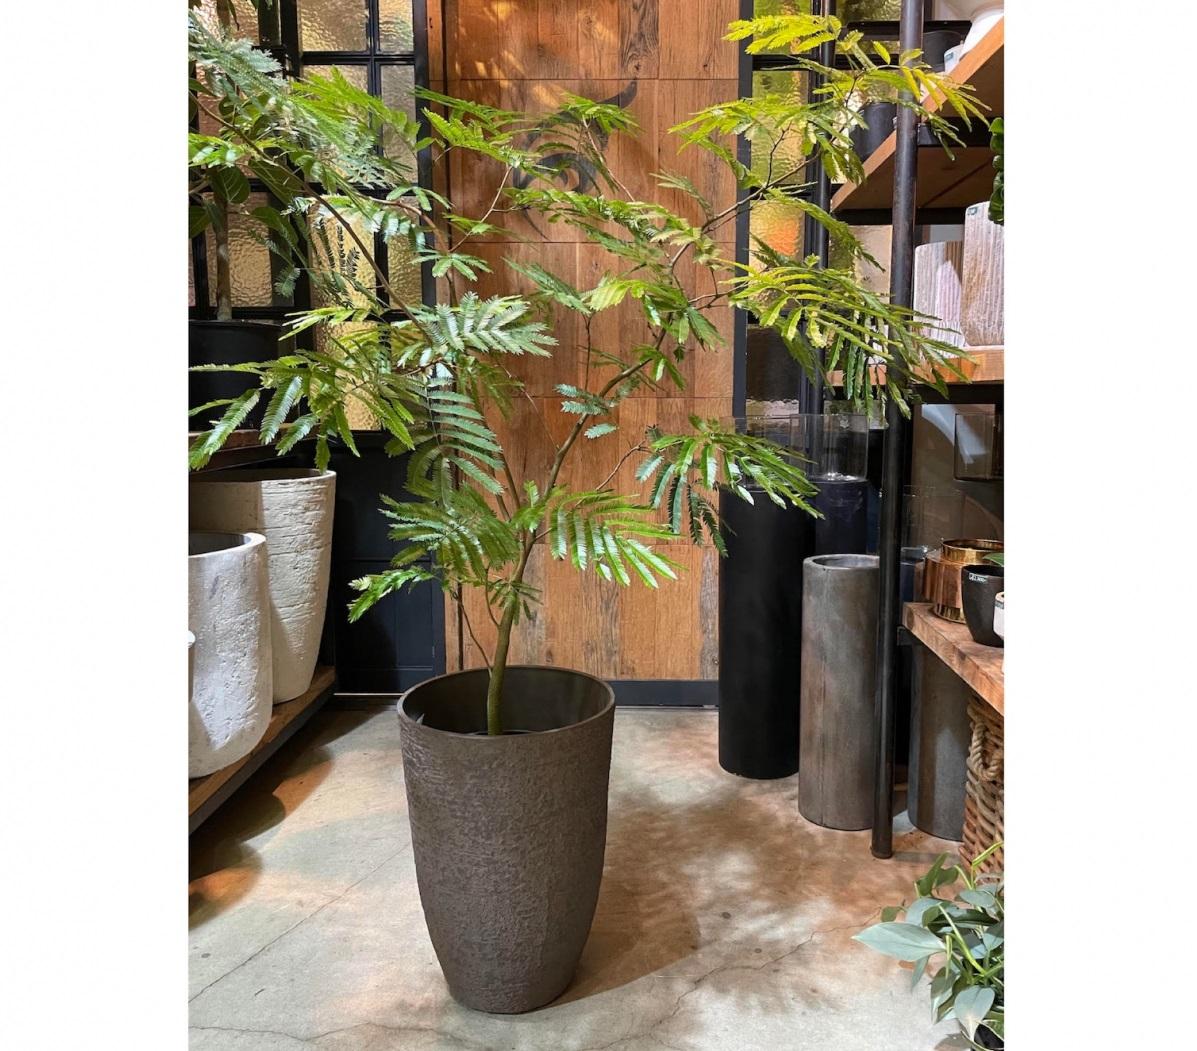 ハイセンスな植物が見つかる、外苑前のオアシス【FUGA】